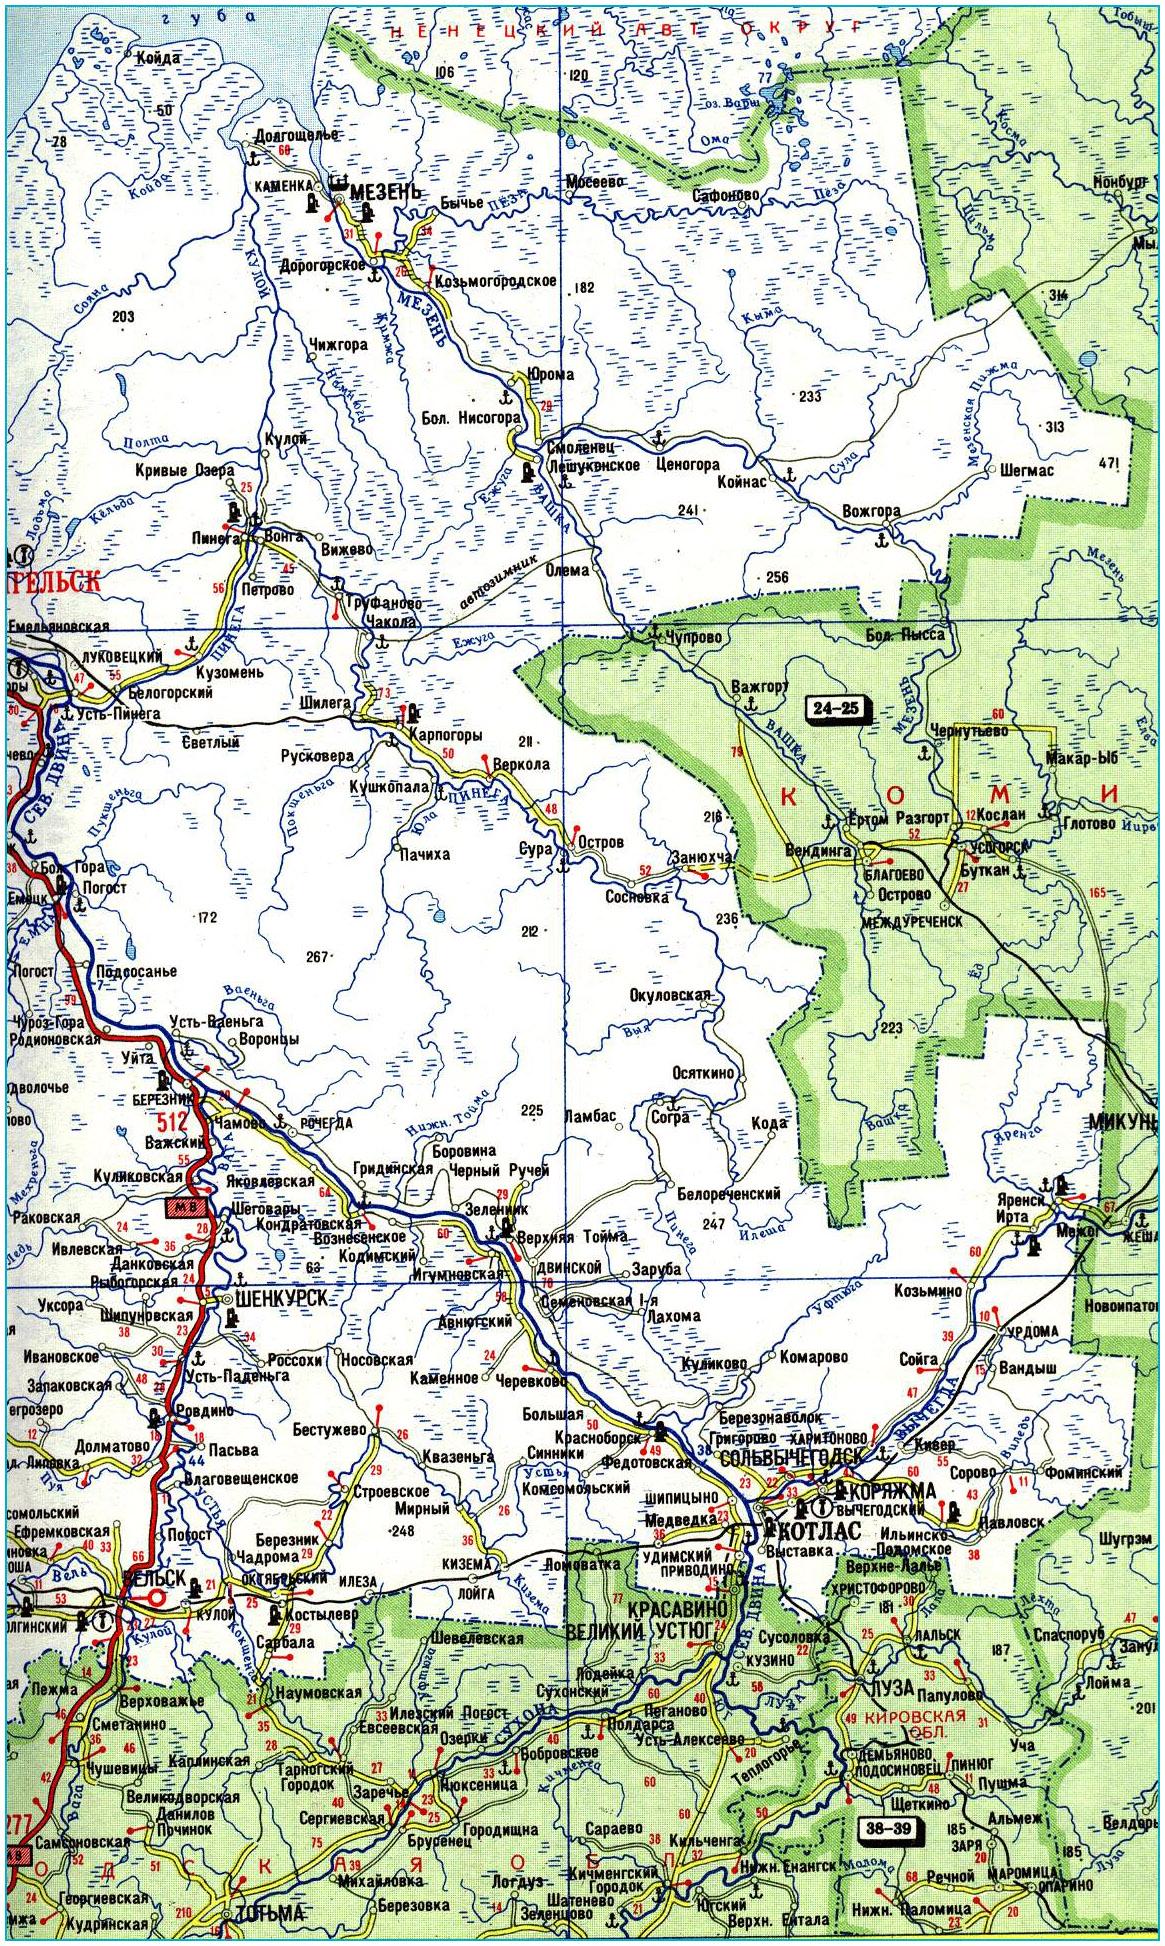 Тучкинская Дорога Карта